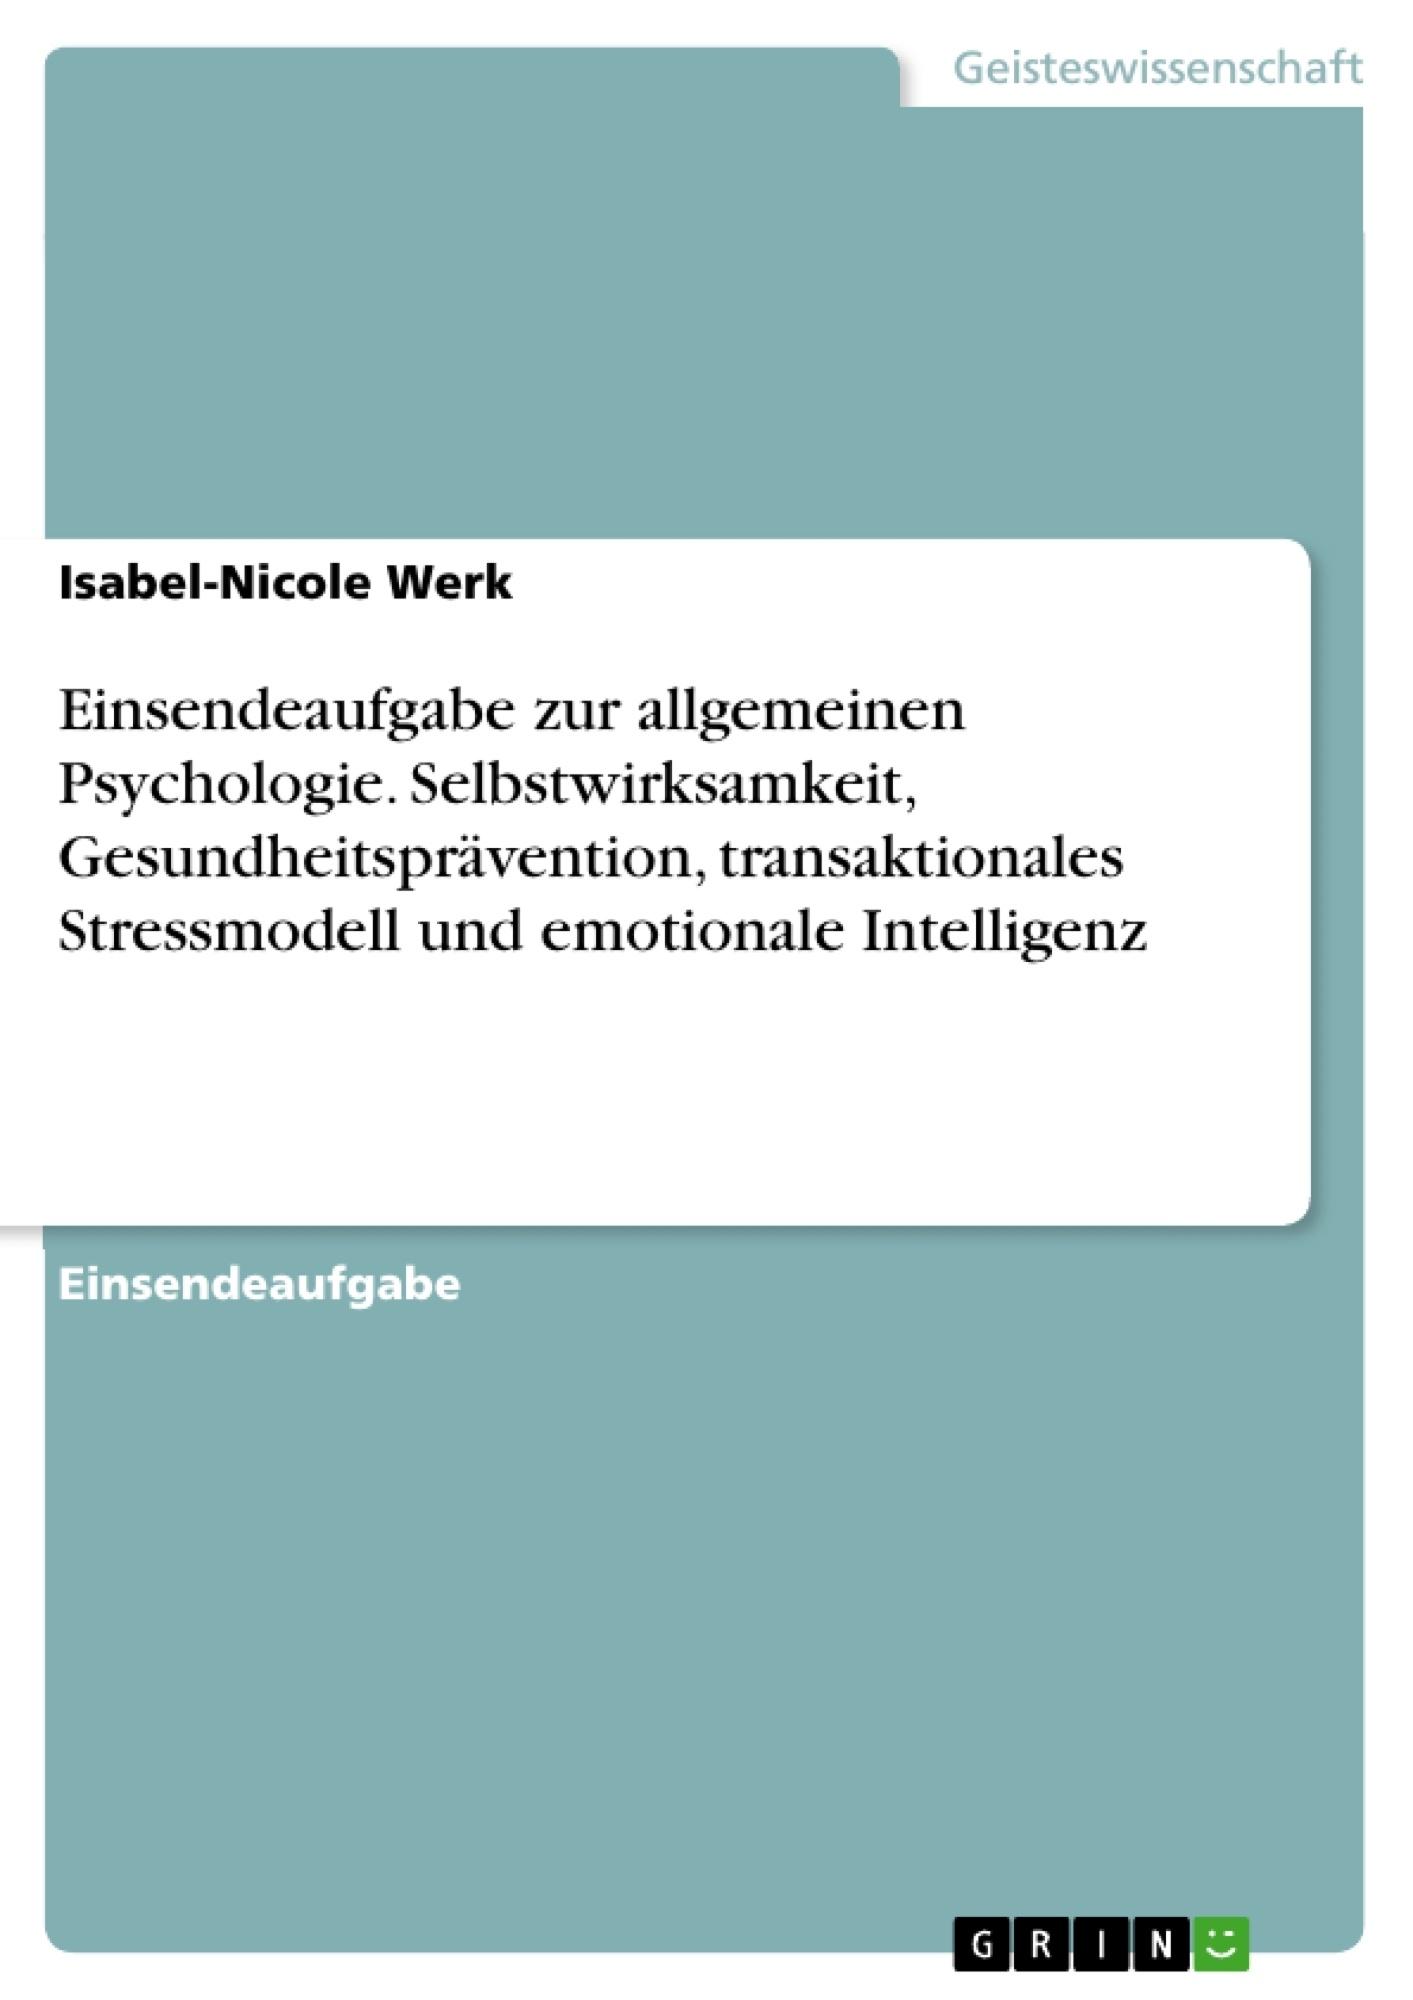 Titel: Einsendeaufgabe zur allgemeinen Psychologie. Selbstwirksamkeit, Gesundheitsprävention, transaktionales Stressmodell und emotionale Intelligenz